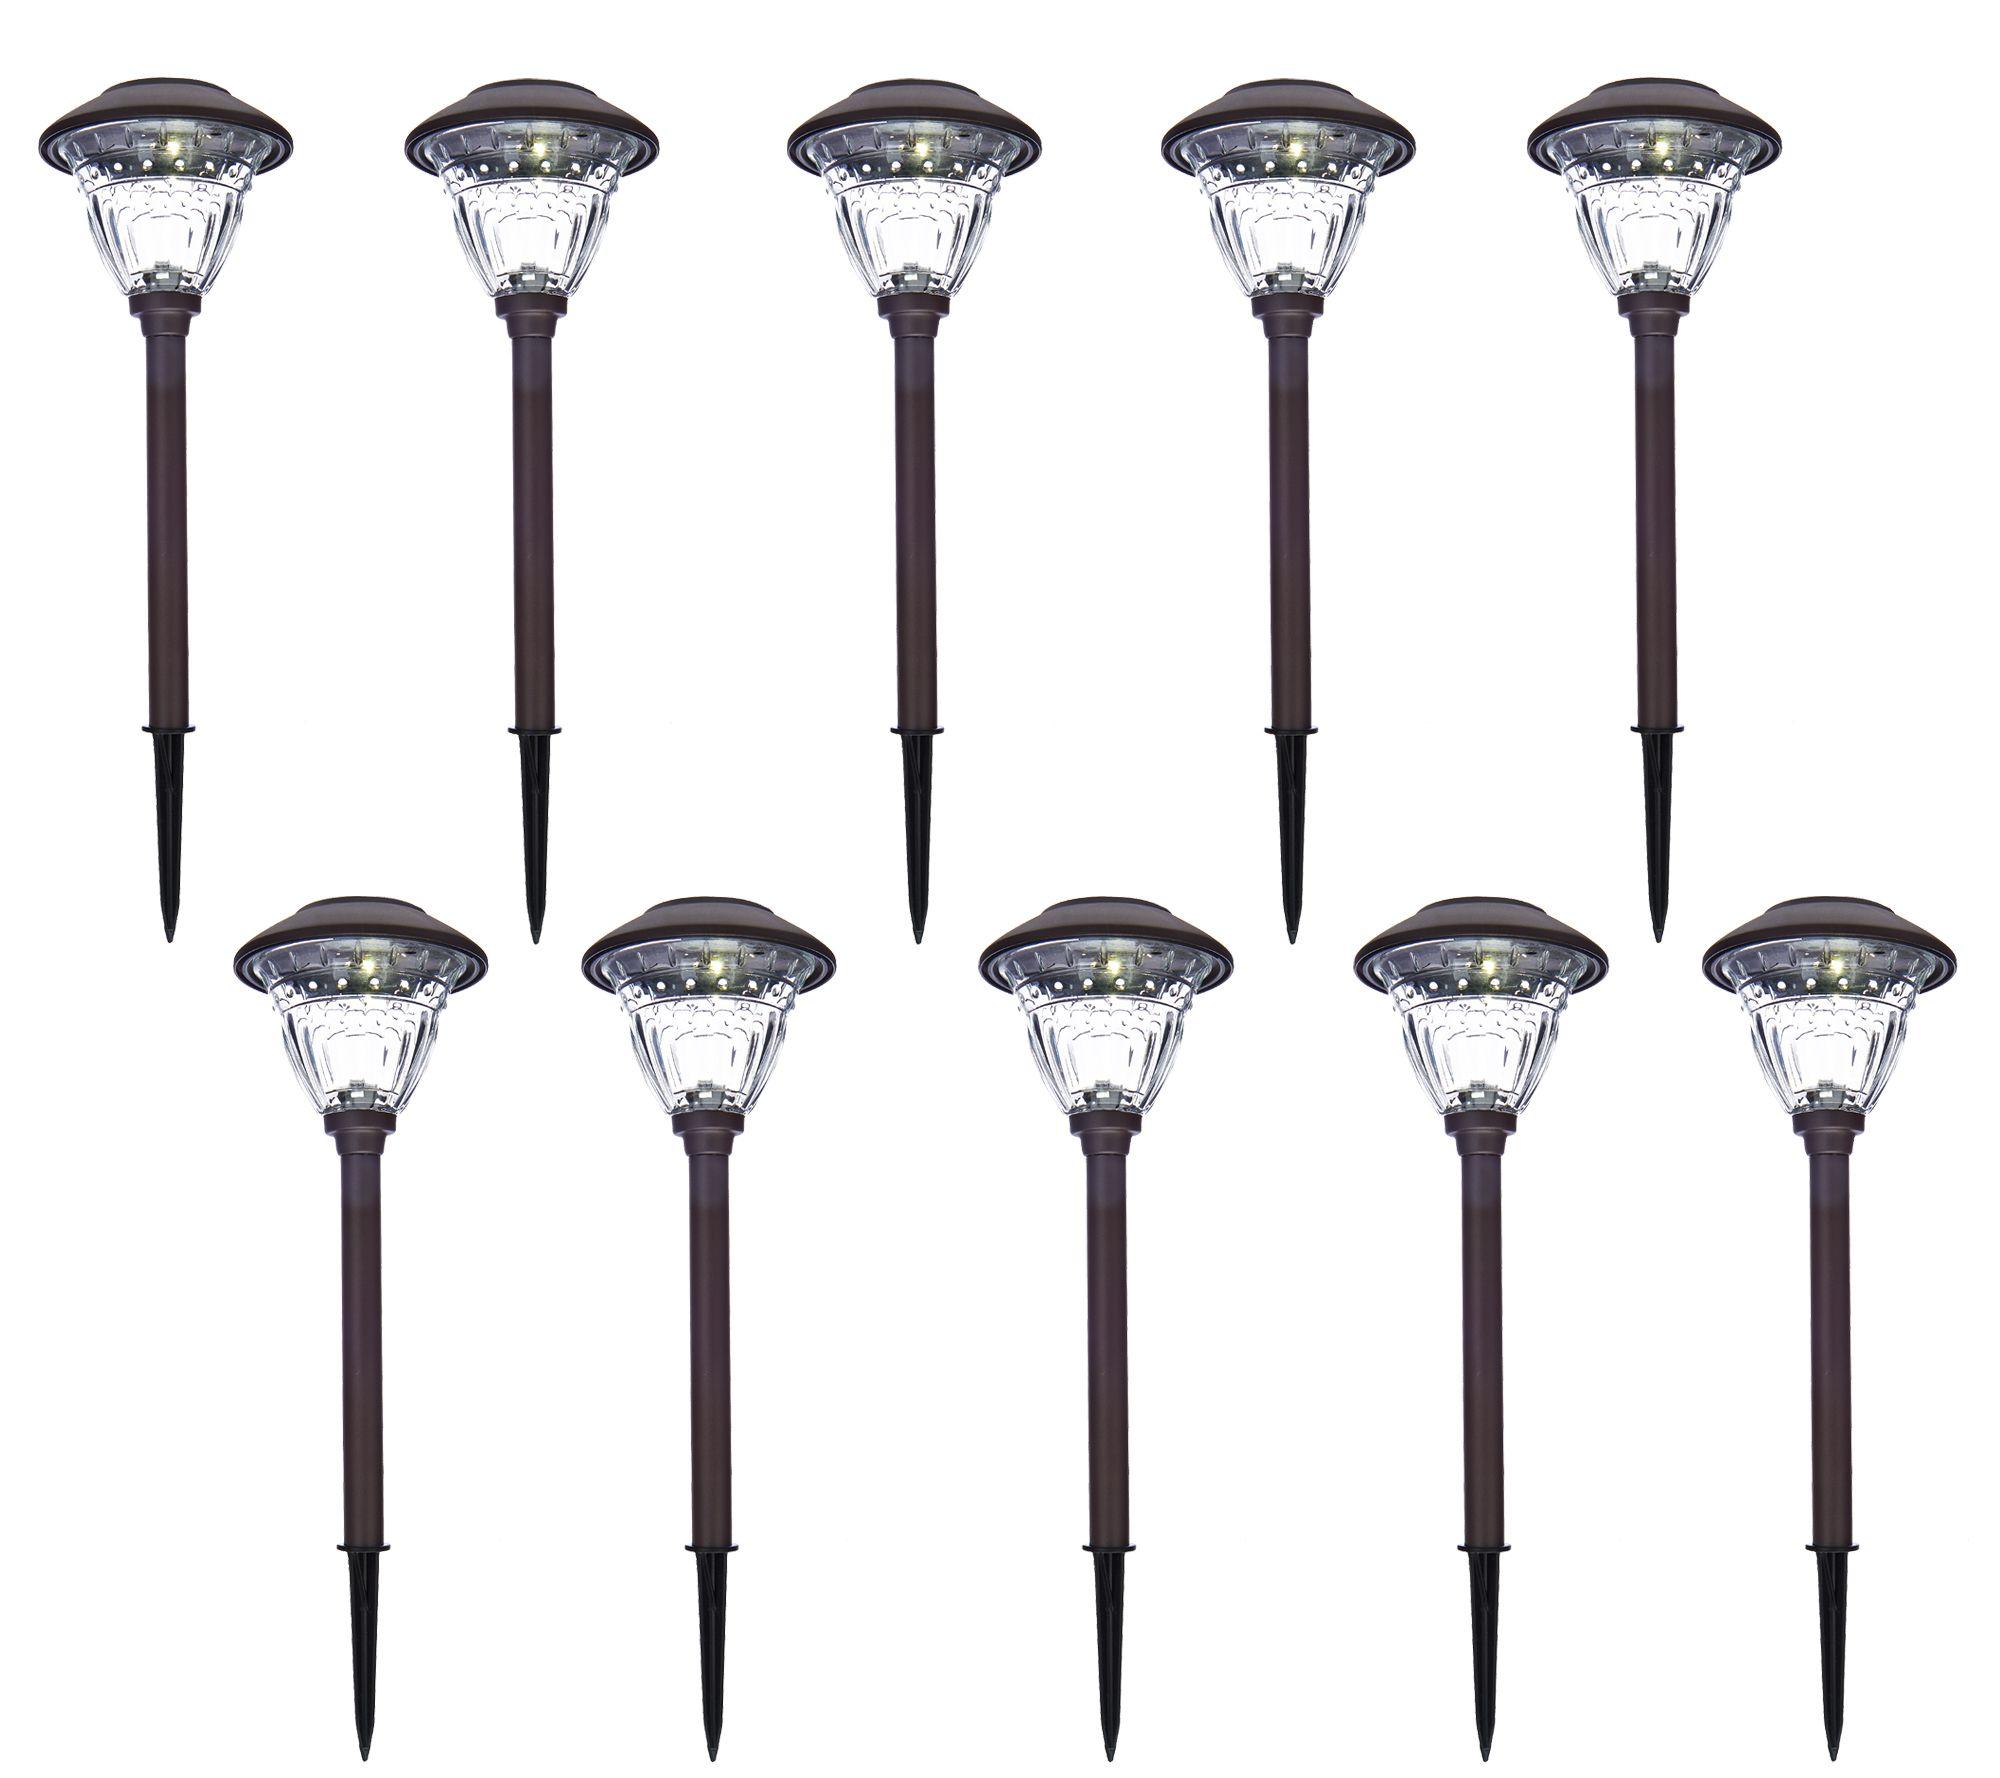 Http Www Qvc Com Energizer 10 Pc Solar Landscape Path Light Set Product M48322 Html